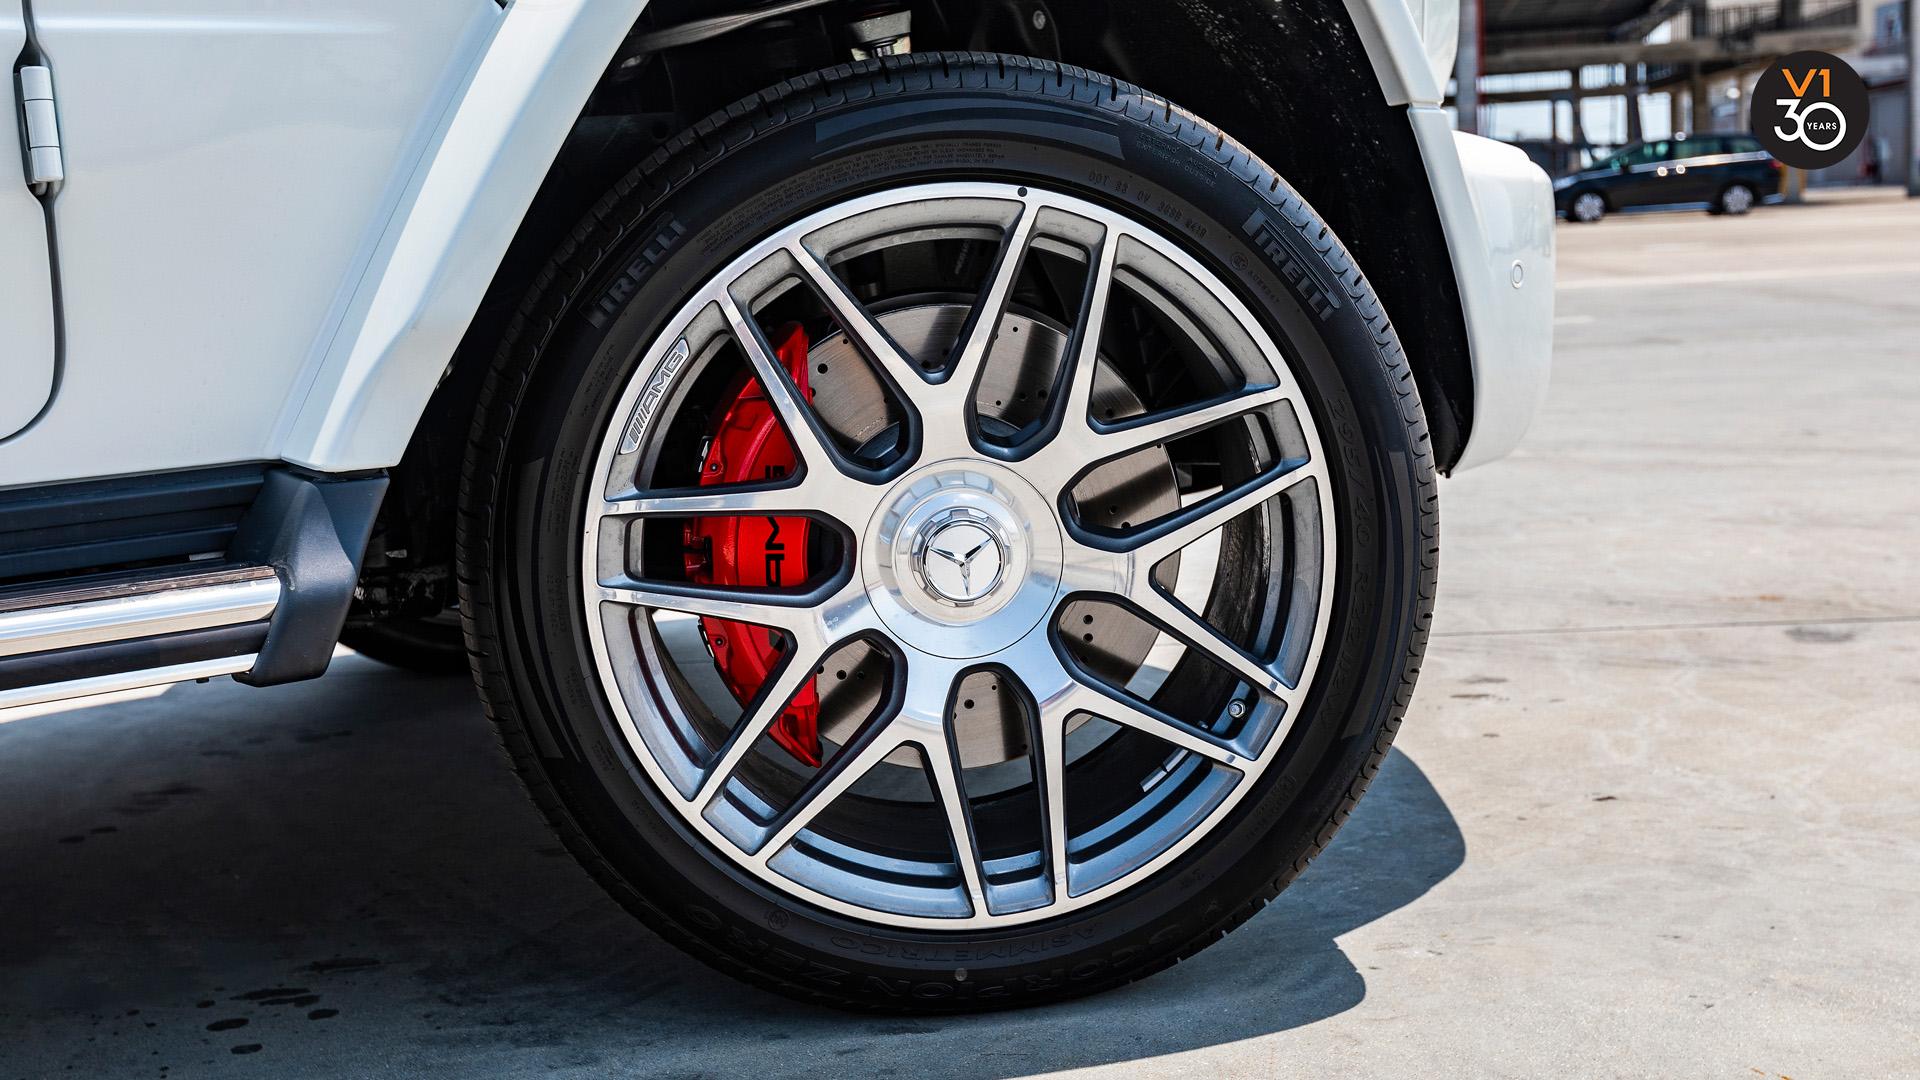 Mercedes G63 AMG - Wheels